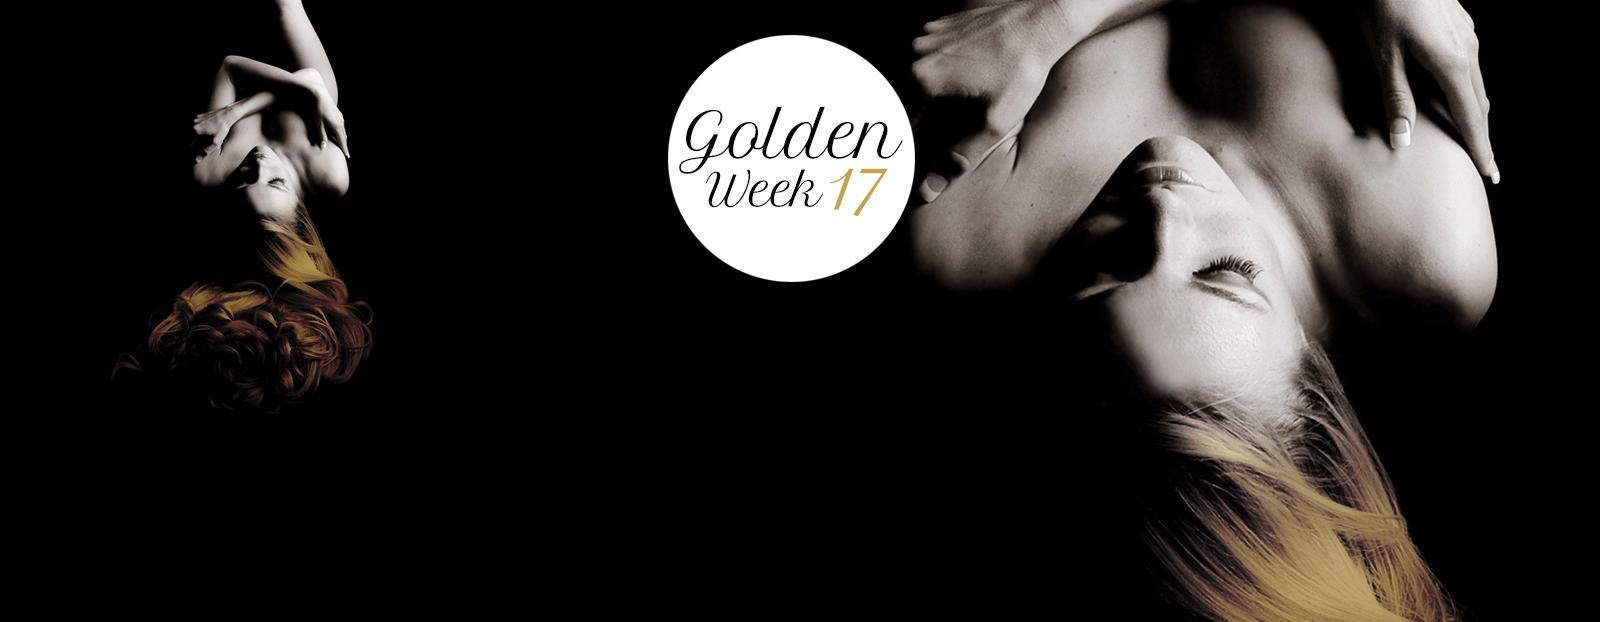 skiuma-testata-golden-week